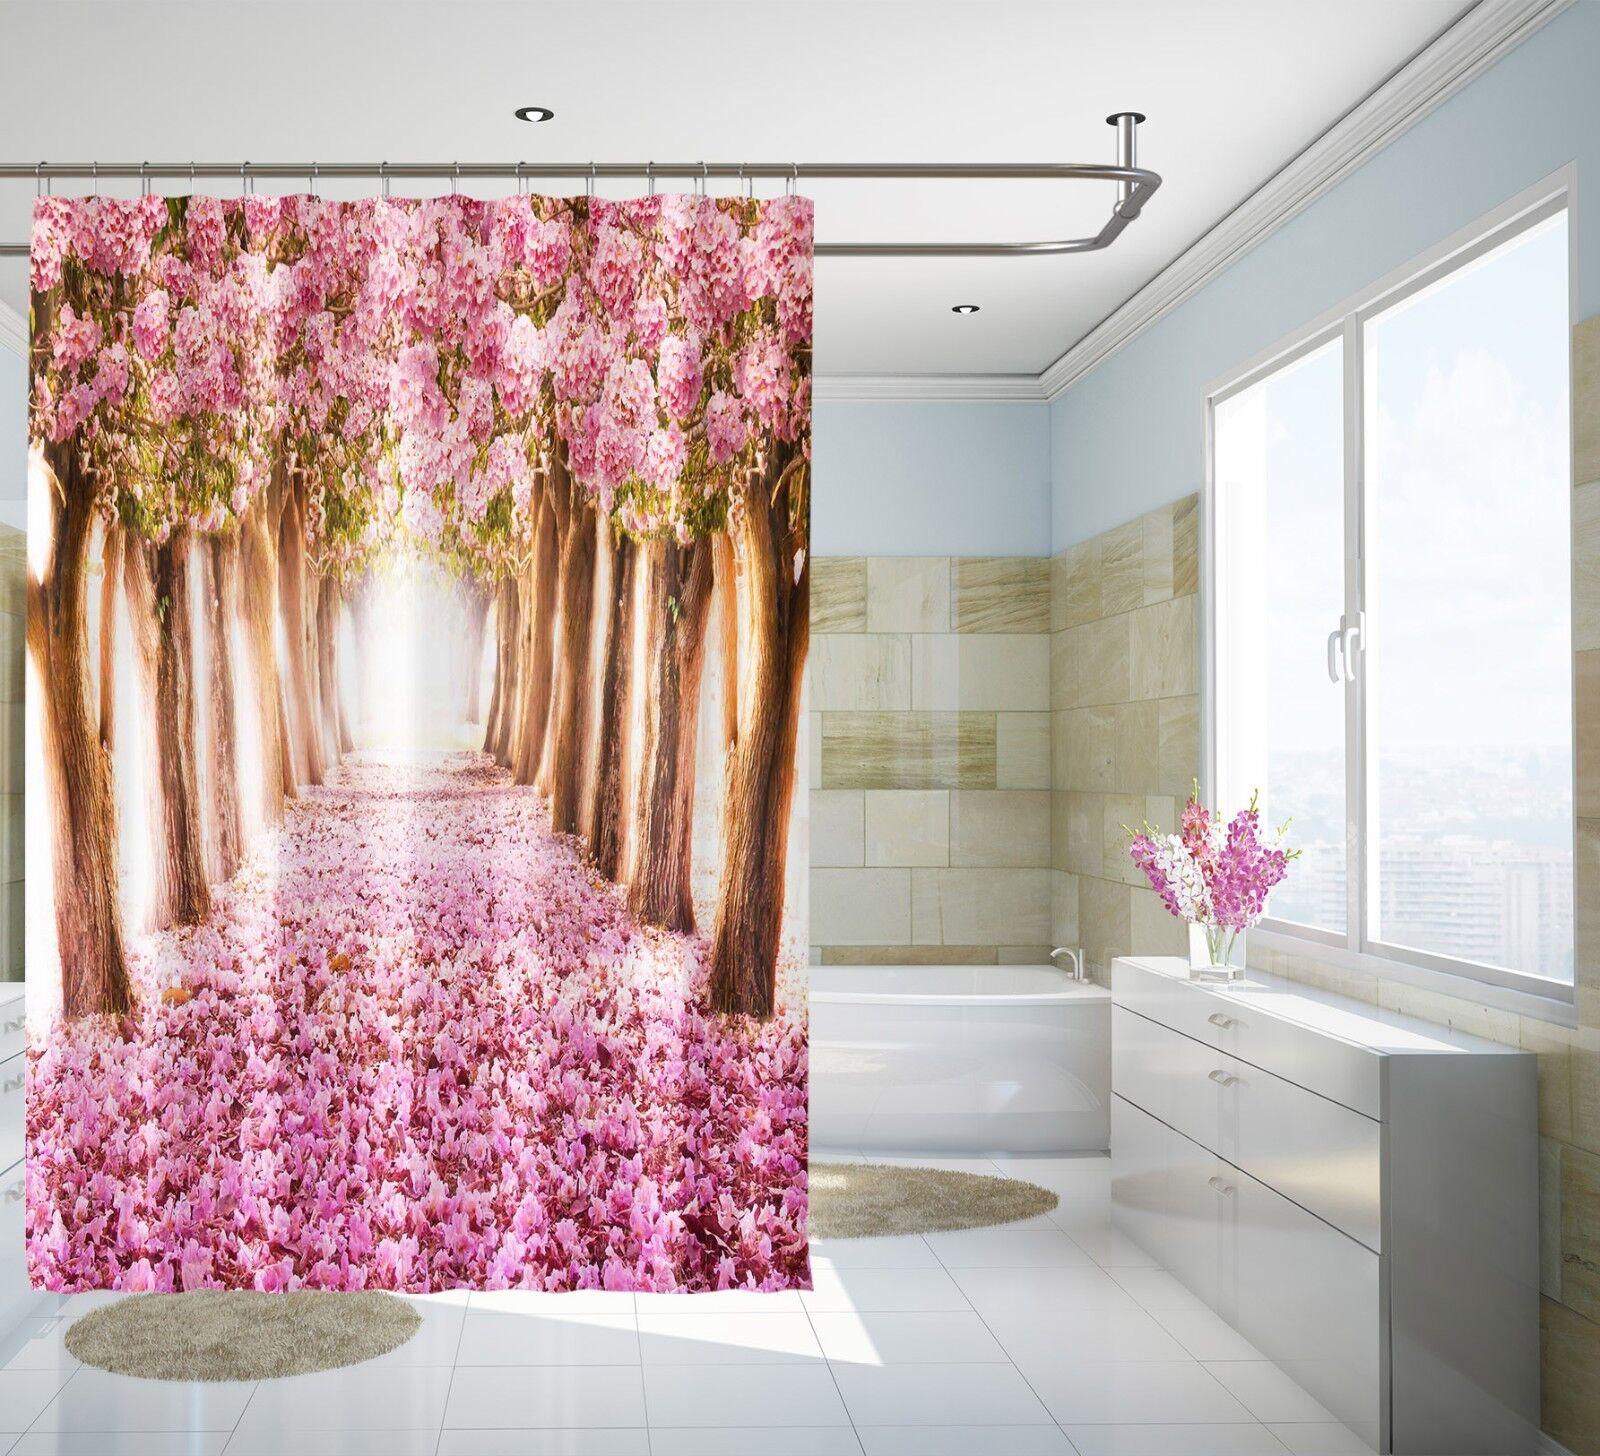 3D Kirschblüte 23 Duschvorhang Wasserdicht Faser Bad Daheim Windows Toilette DE